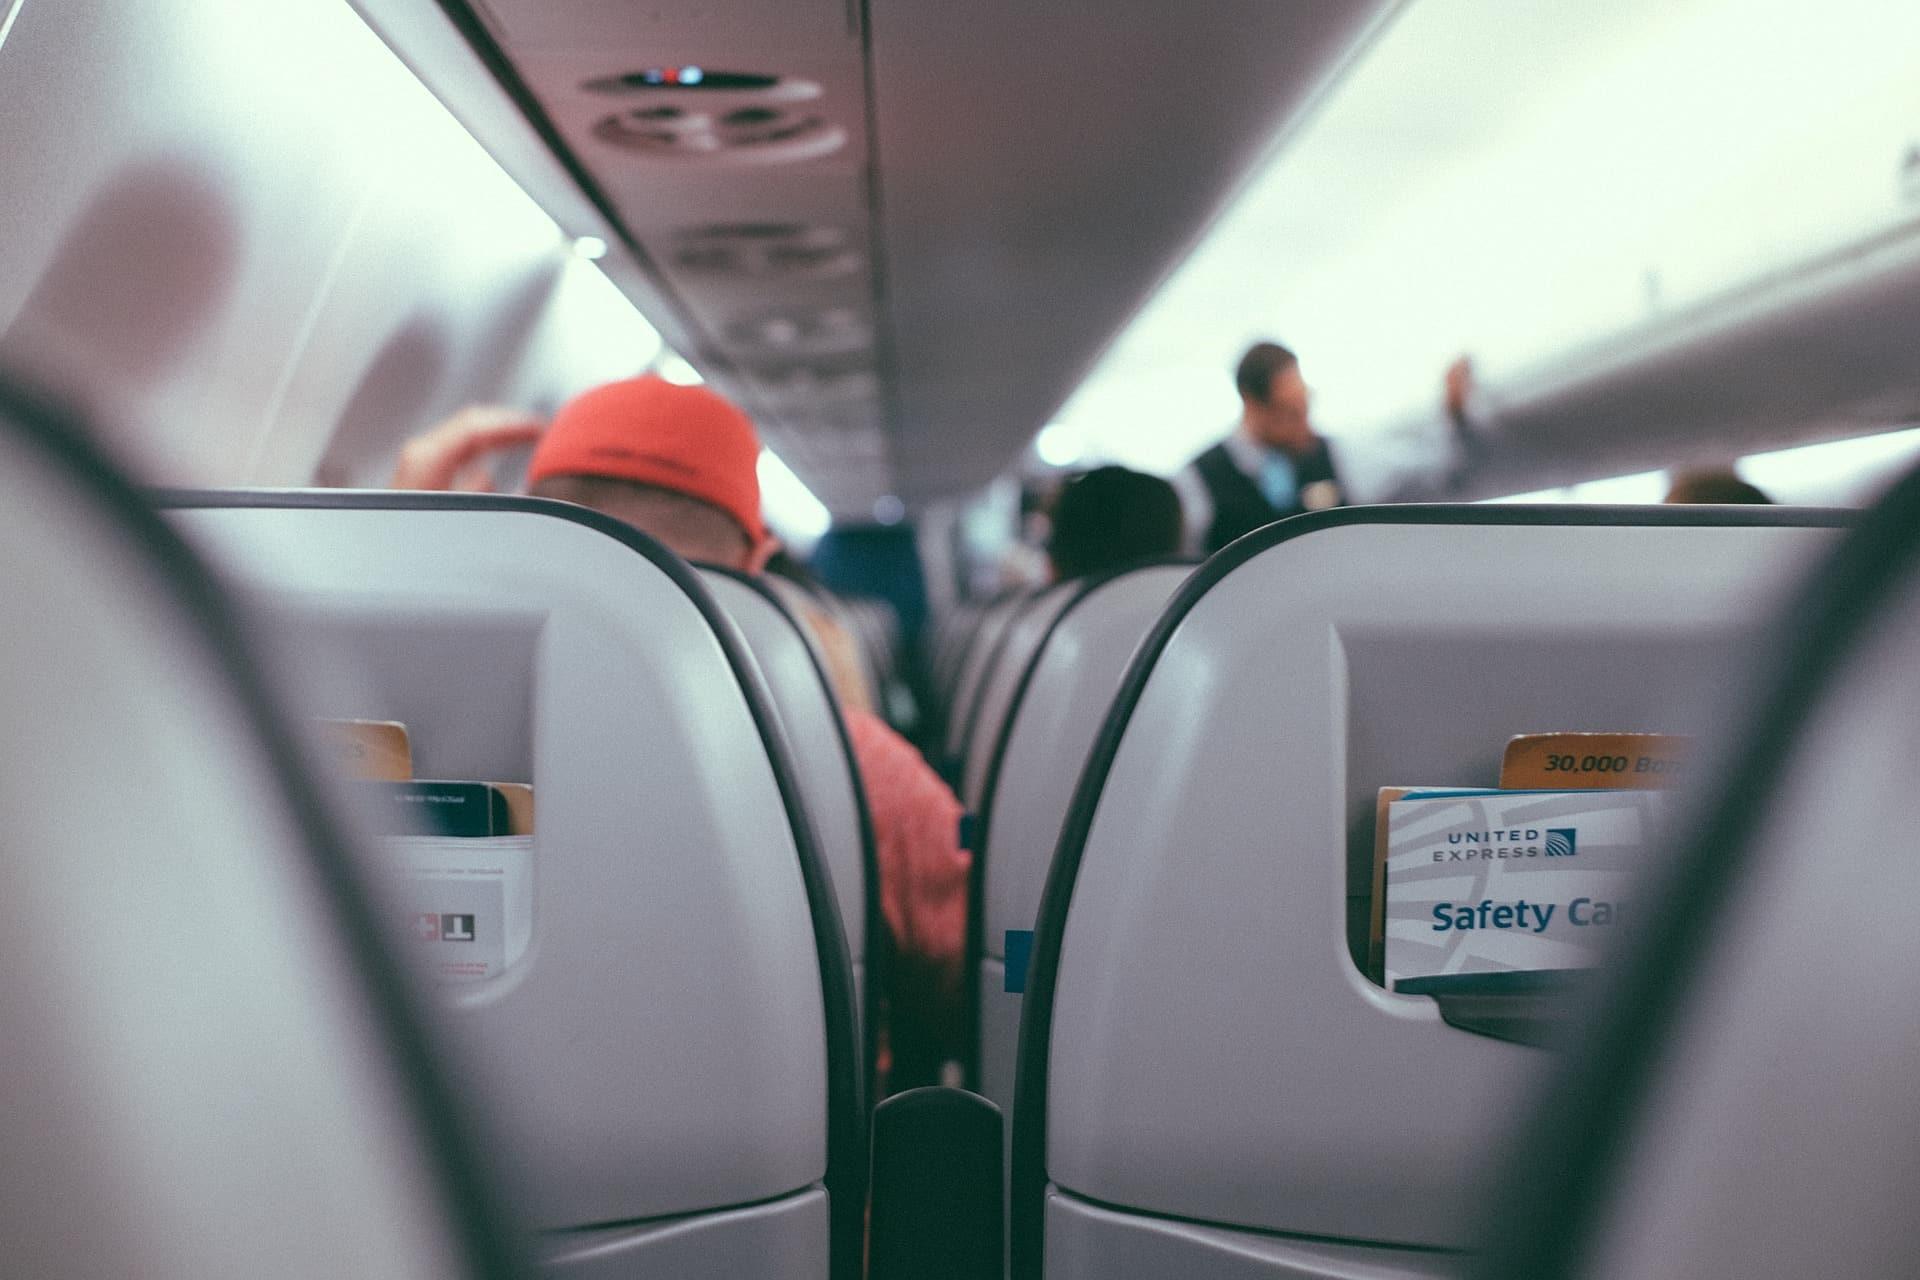 pasillo de un avión antes de repartir los snacks